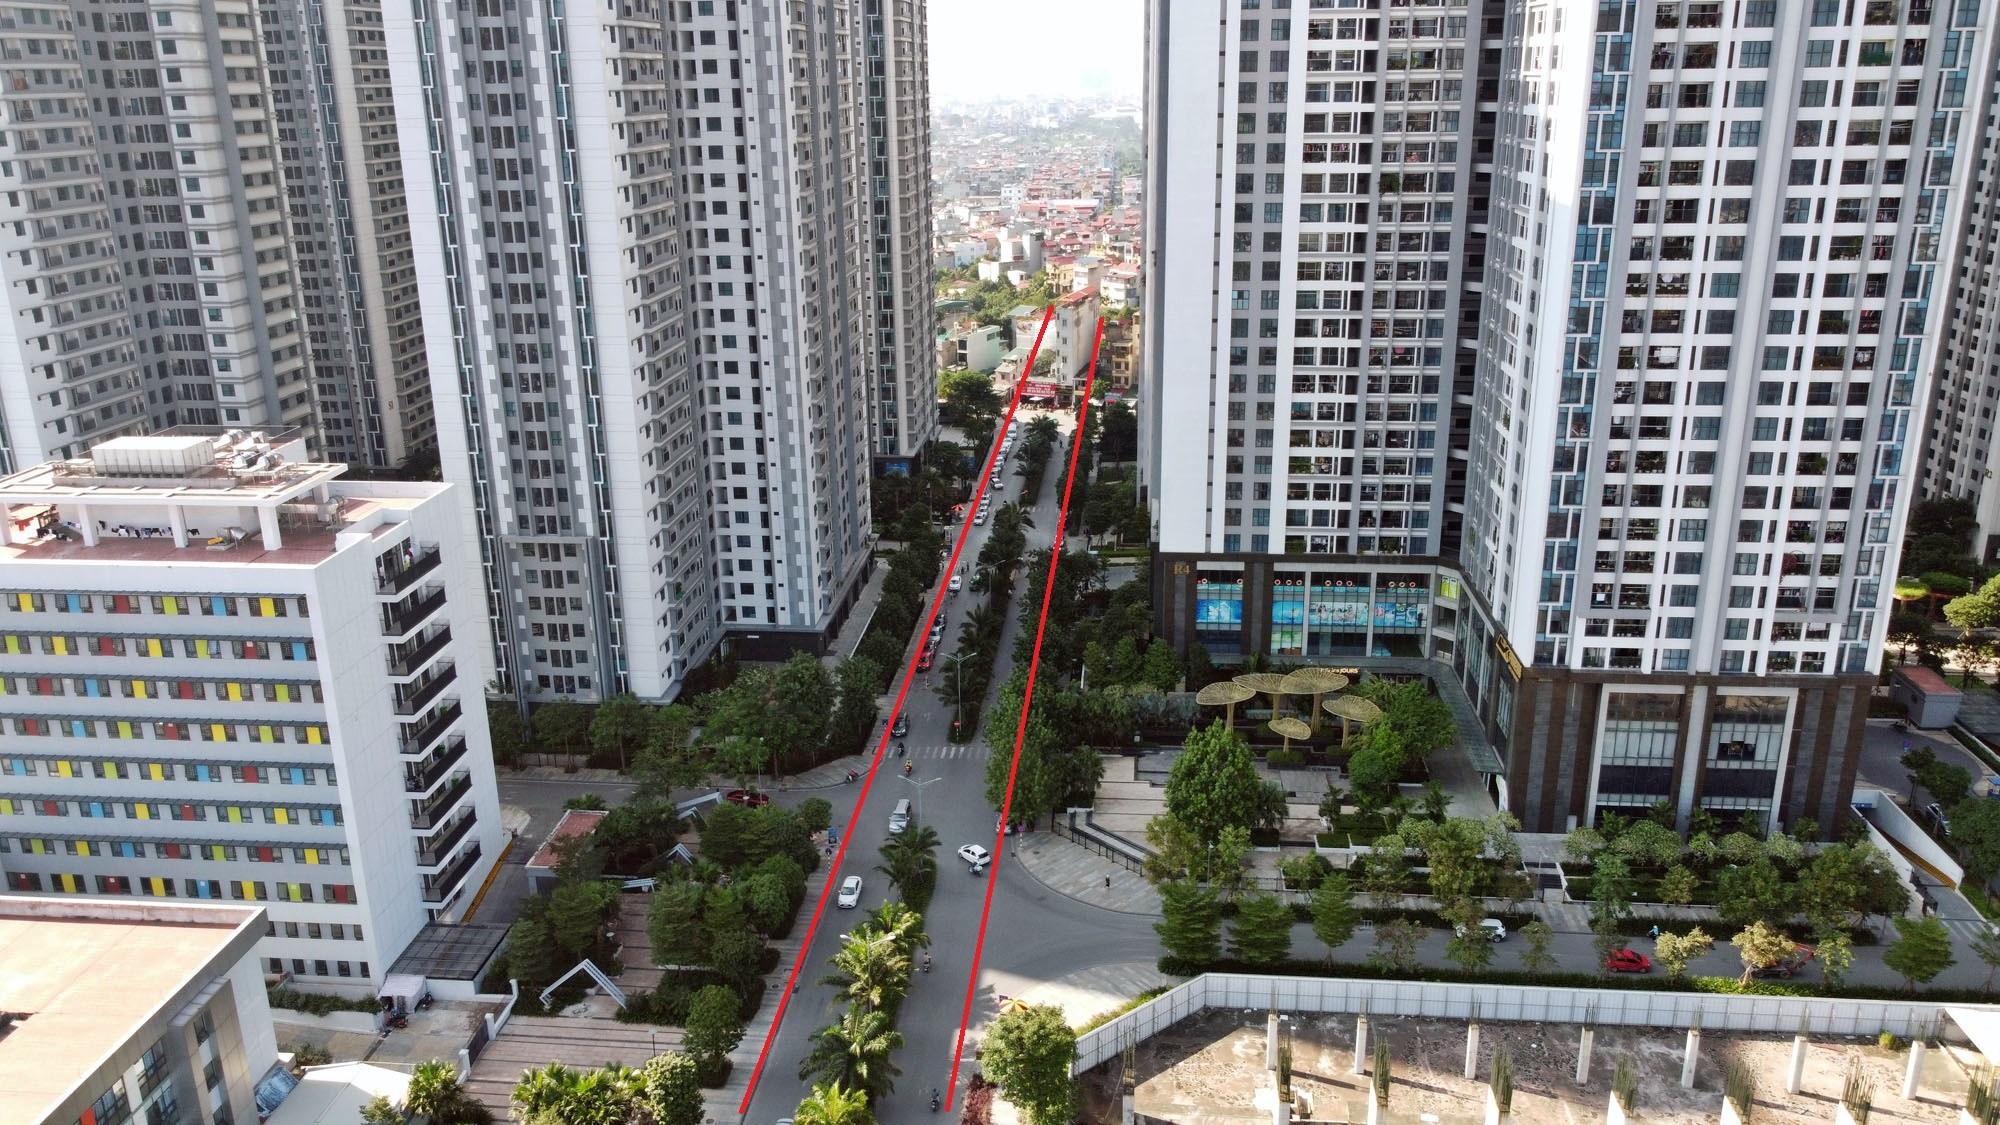 Ba đường sẽ mở theo qui hoạch ở phường Phú Diễn, Bắc Từ Liêm, Hà Nội (phần 2) - Ảnh 4.